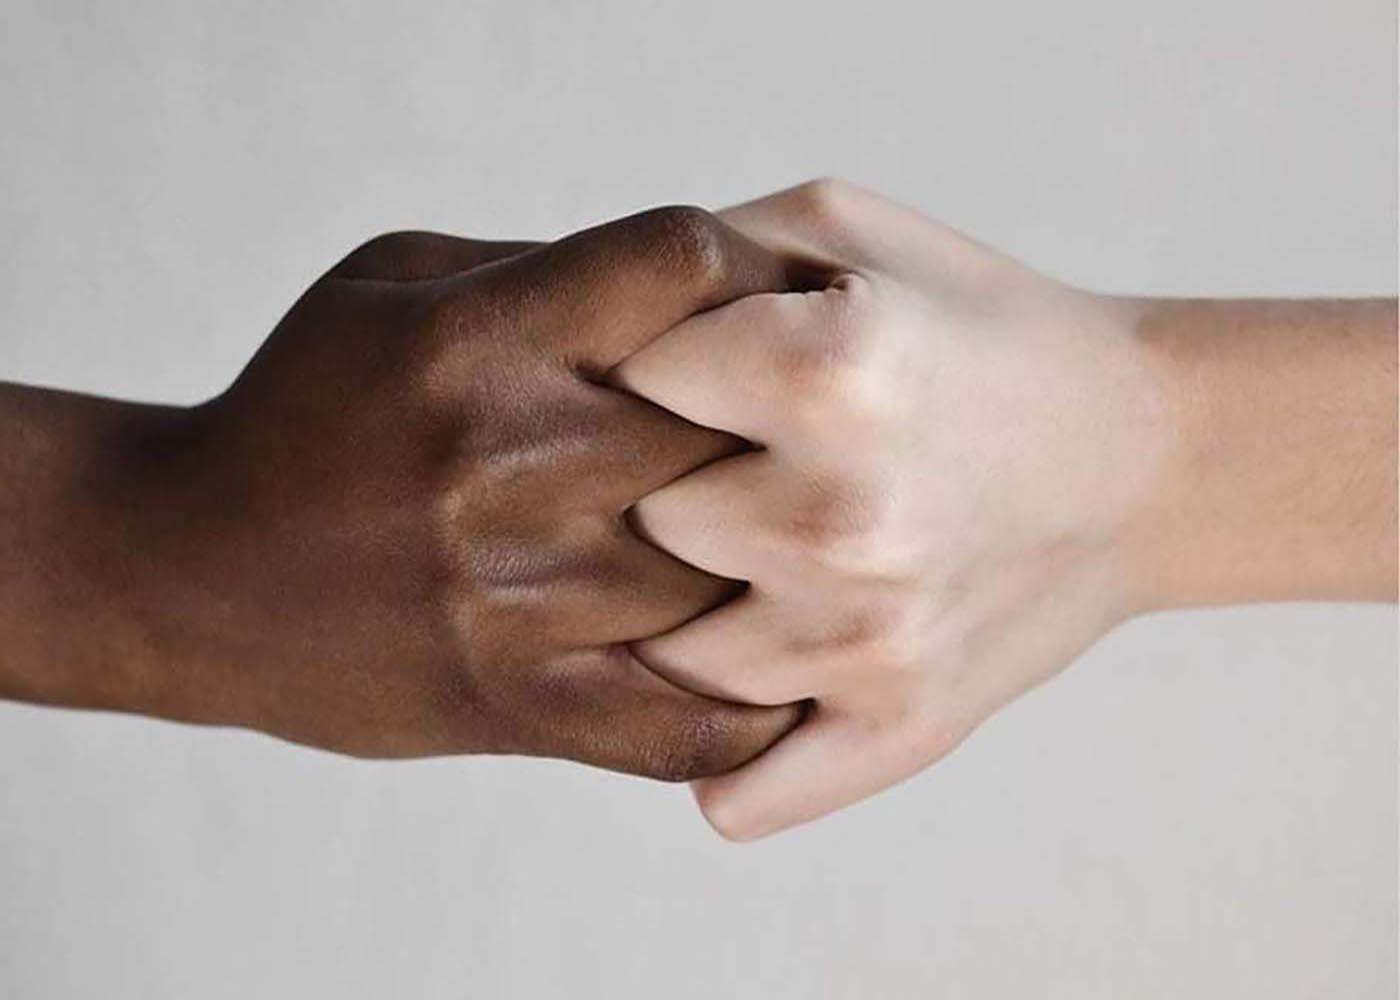 Άνθρωποι….όλοι είμαστε άνθρωποι! – Thisisus.gr